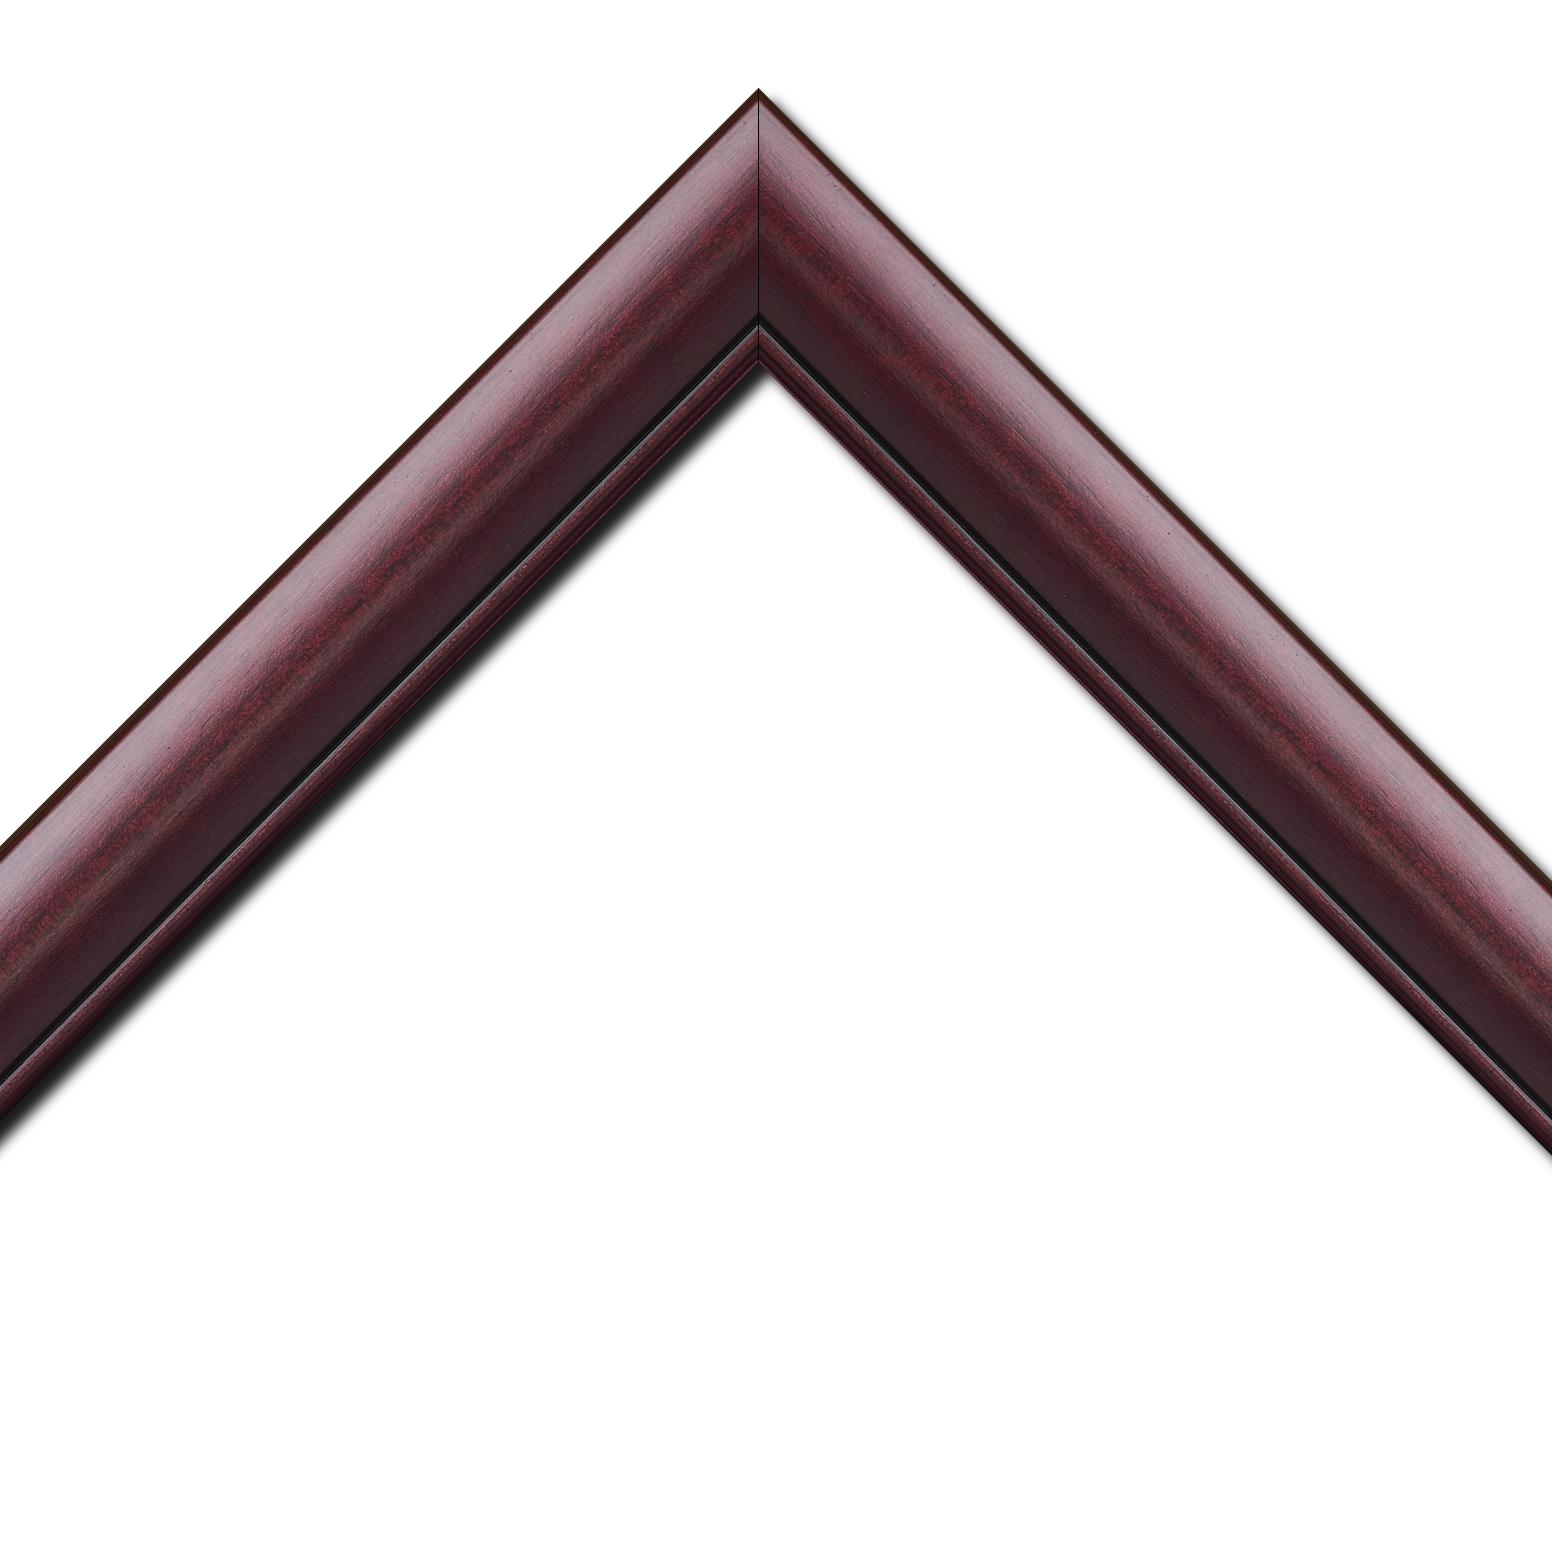 Baguette bois profil arrondi largeur 4.7cm couleur bordeaux lie de vin satiné rehaussé d'un filet noir